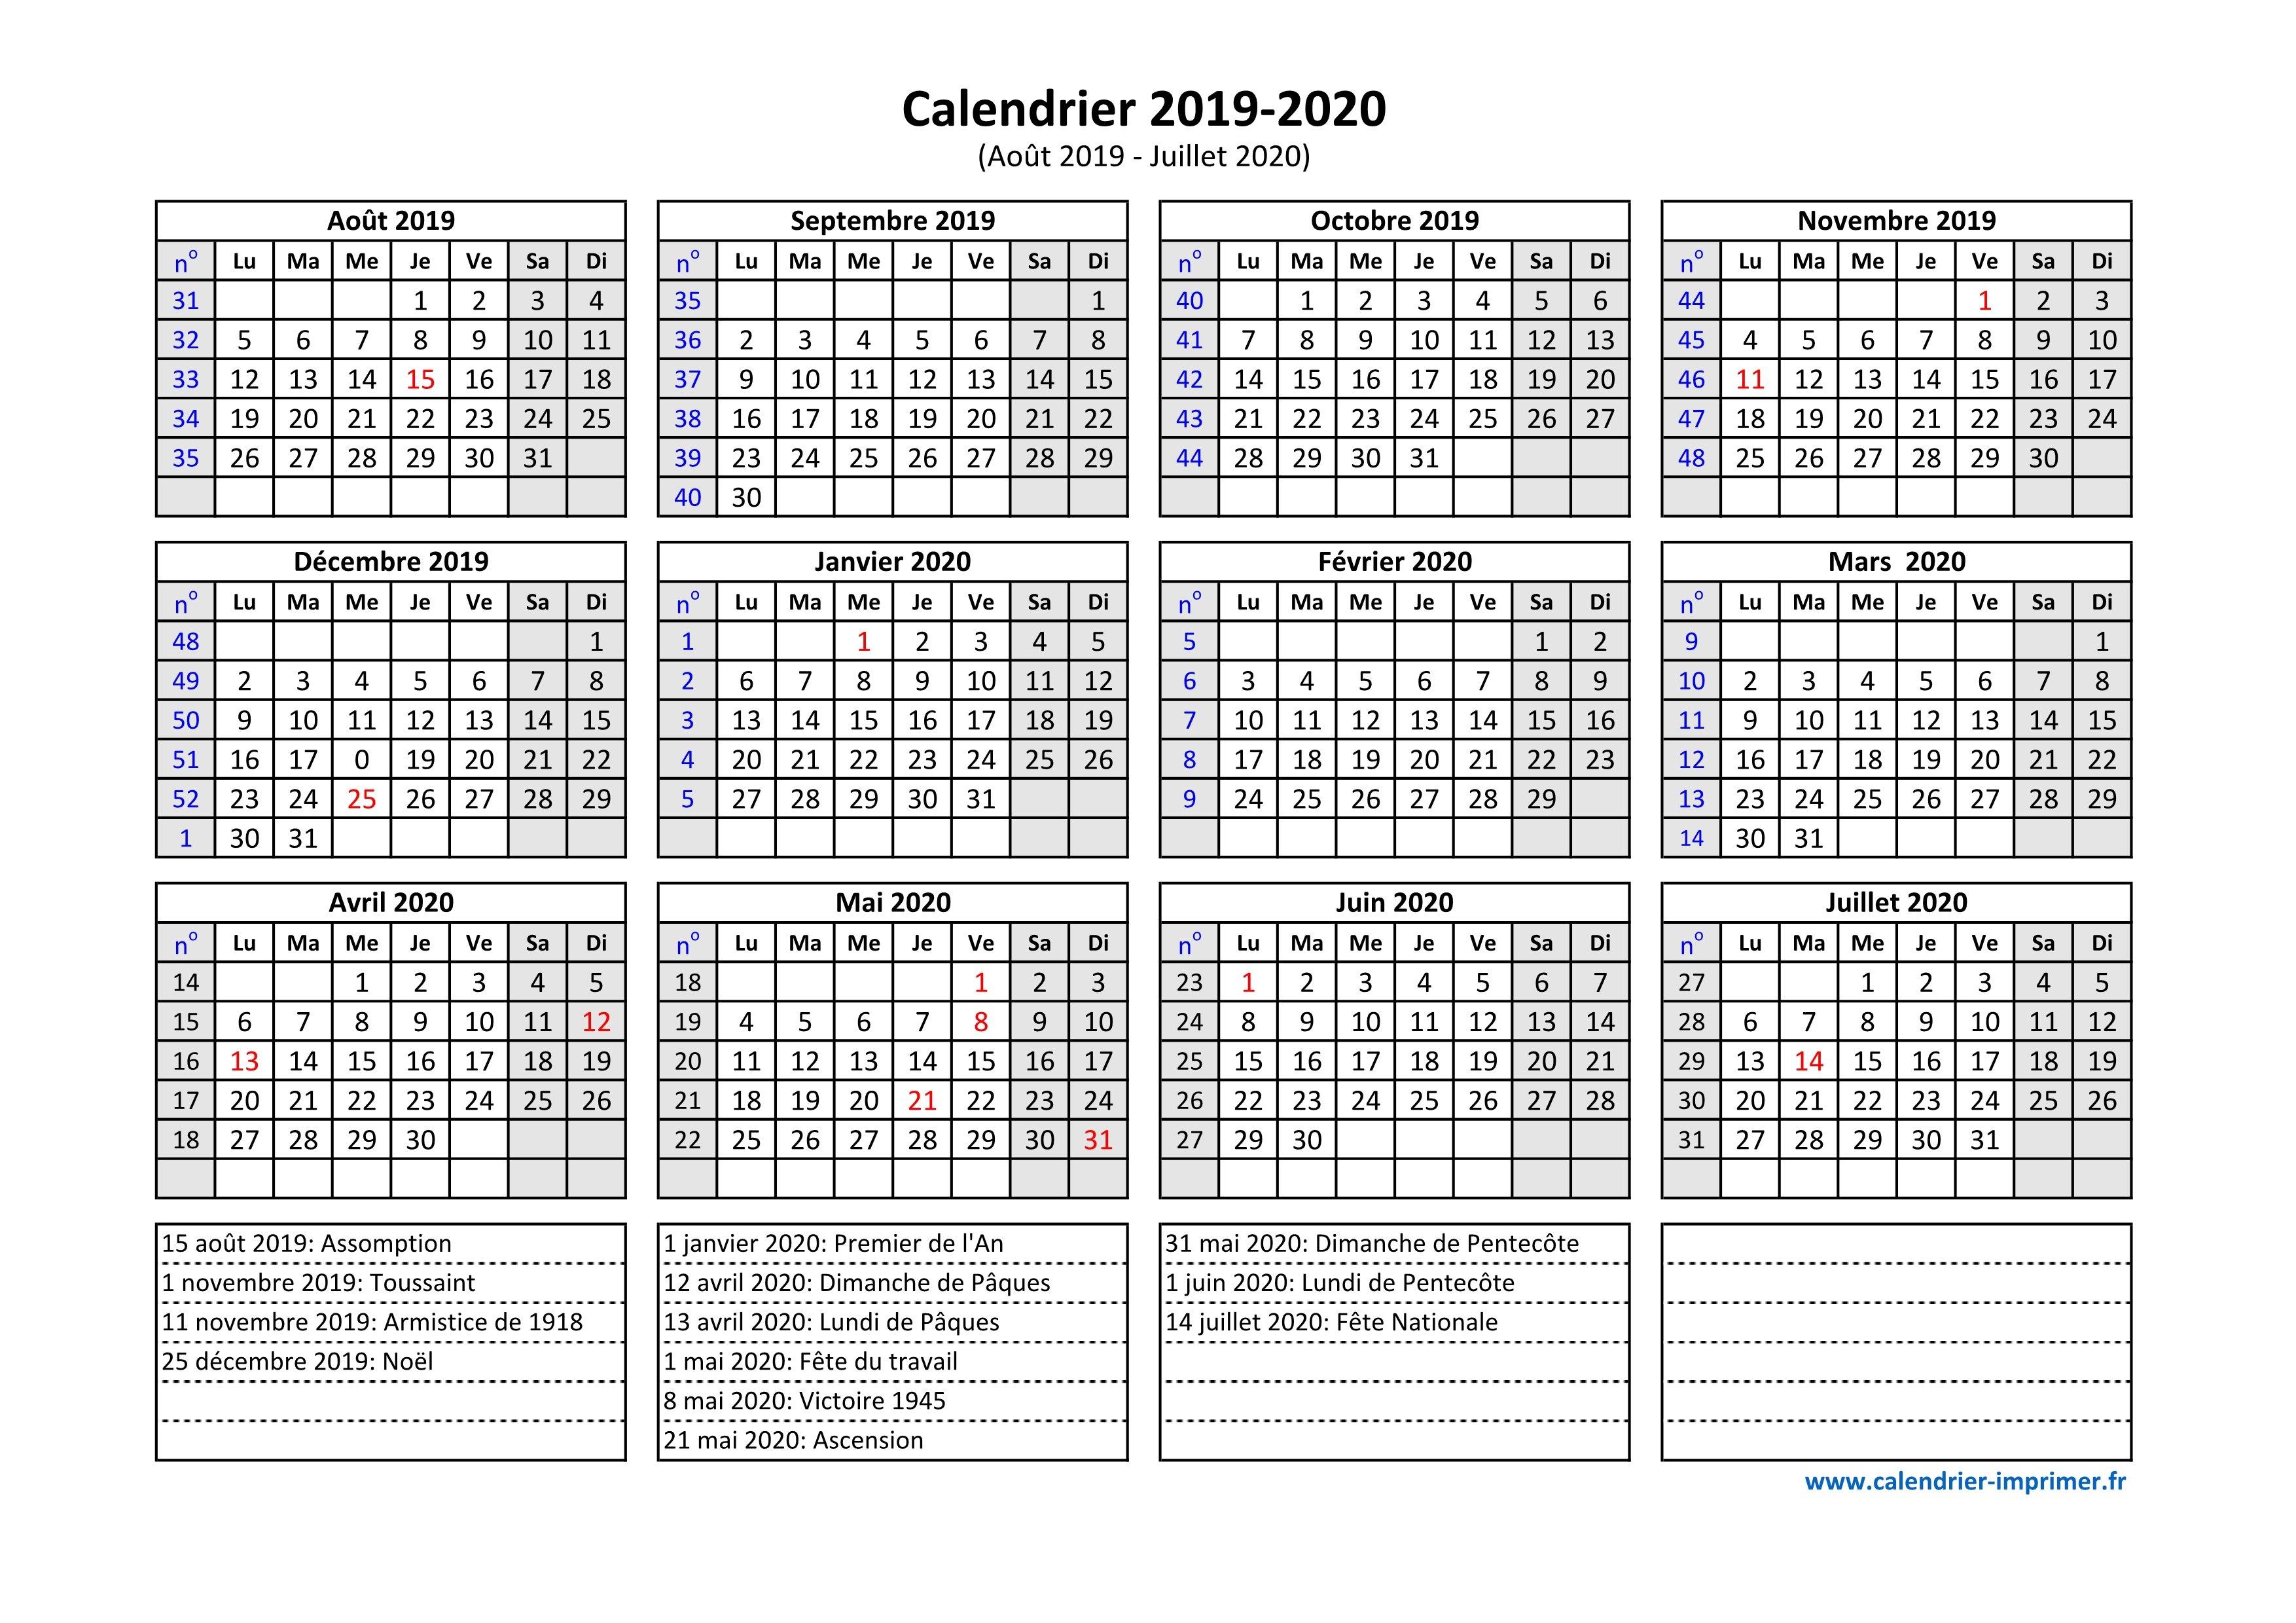 Calendrier Scolaire Mai 2020.Calendrier 2019 2020 A Imprimer